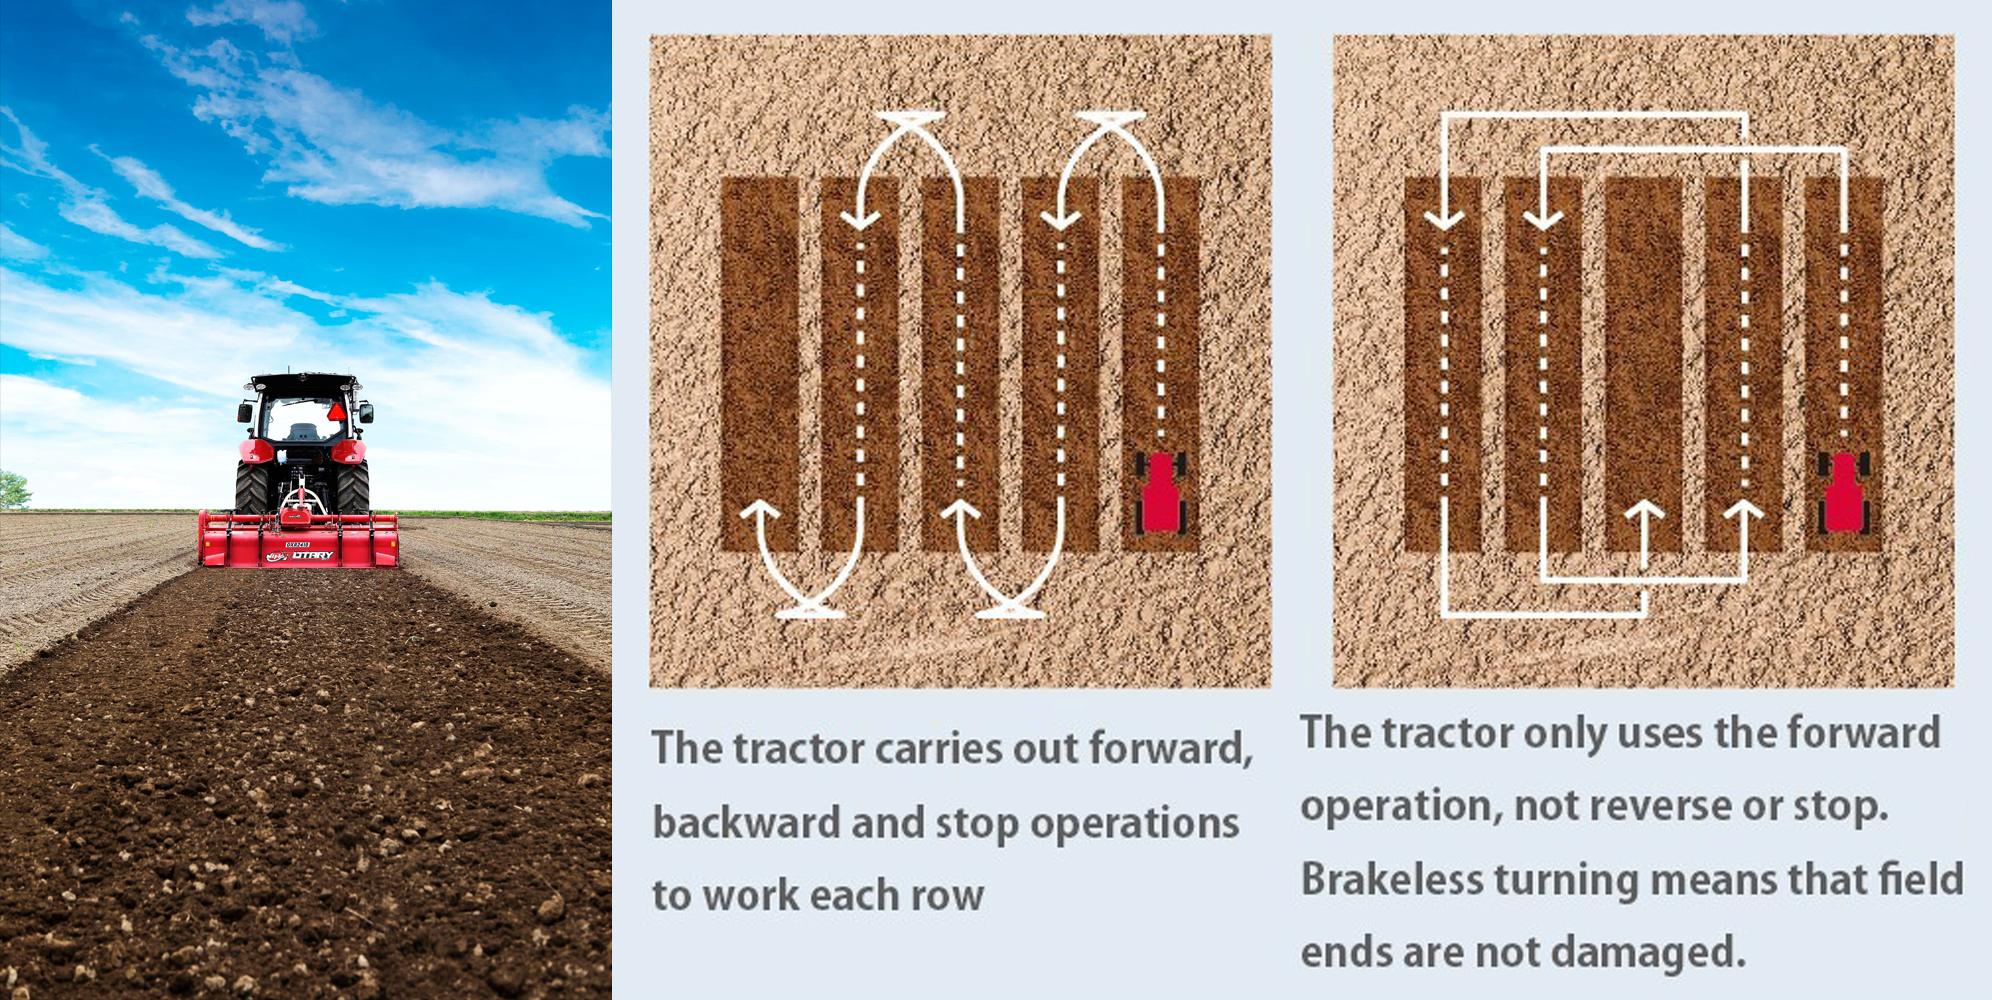 Yanmar Demonstrates Autonomous Tractors Using Precision